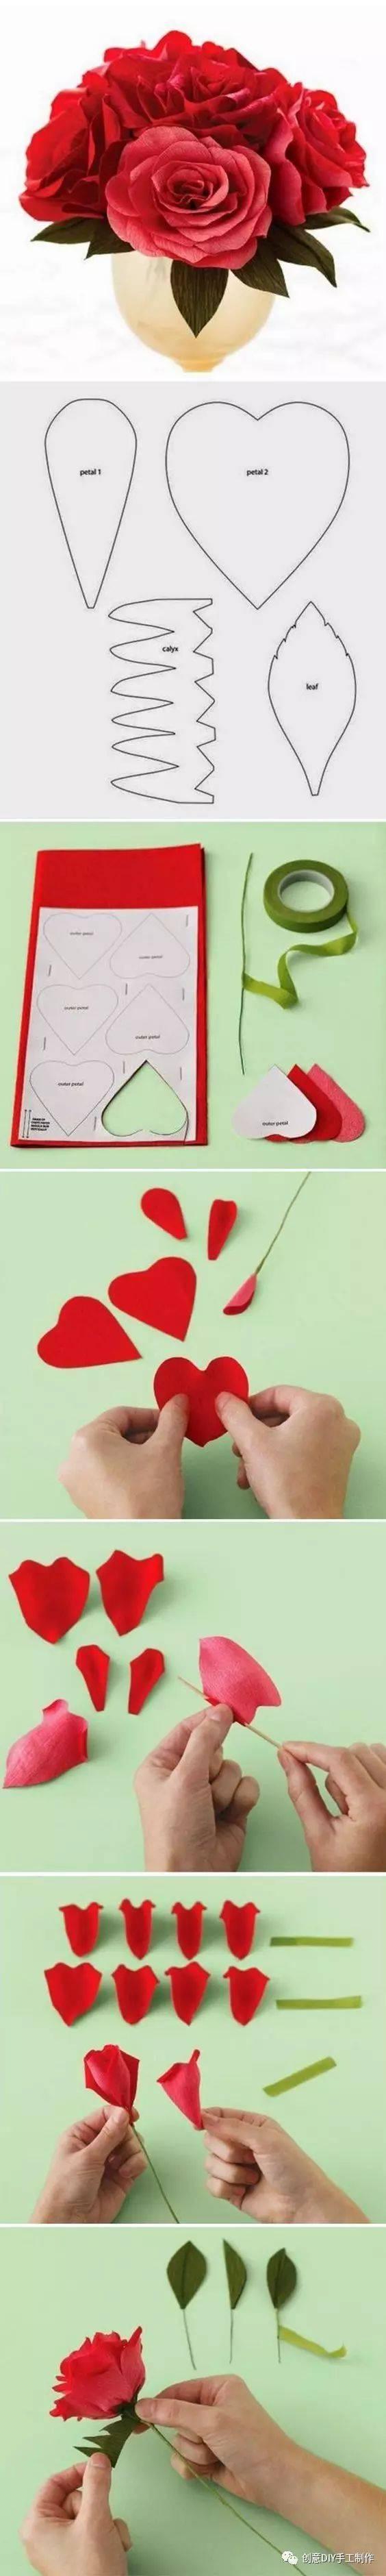 折纸玫瑰花手工制作教程